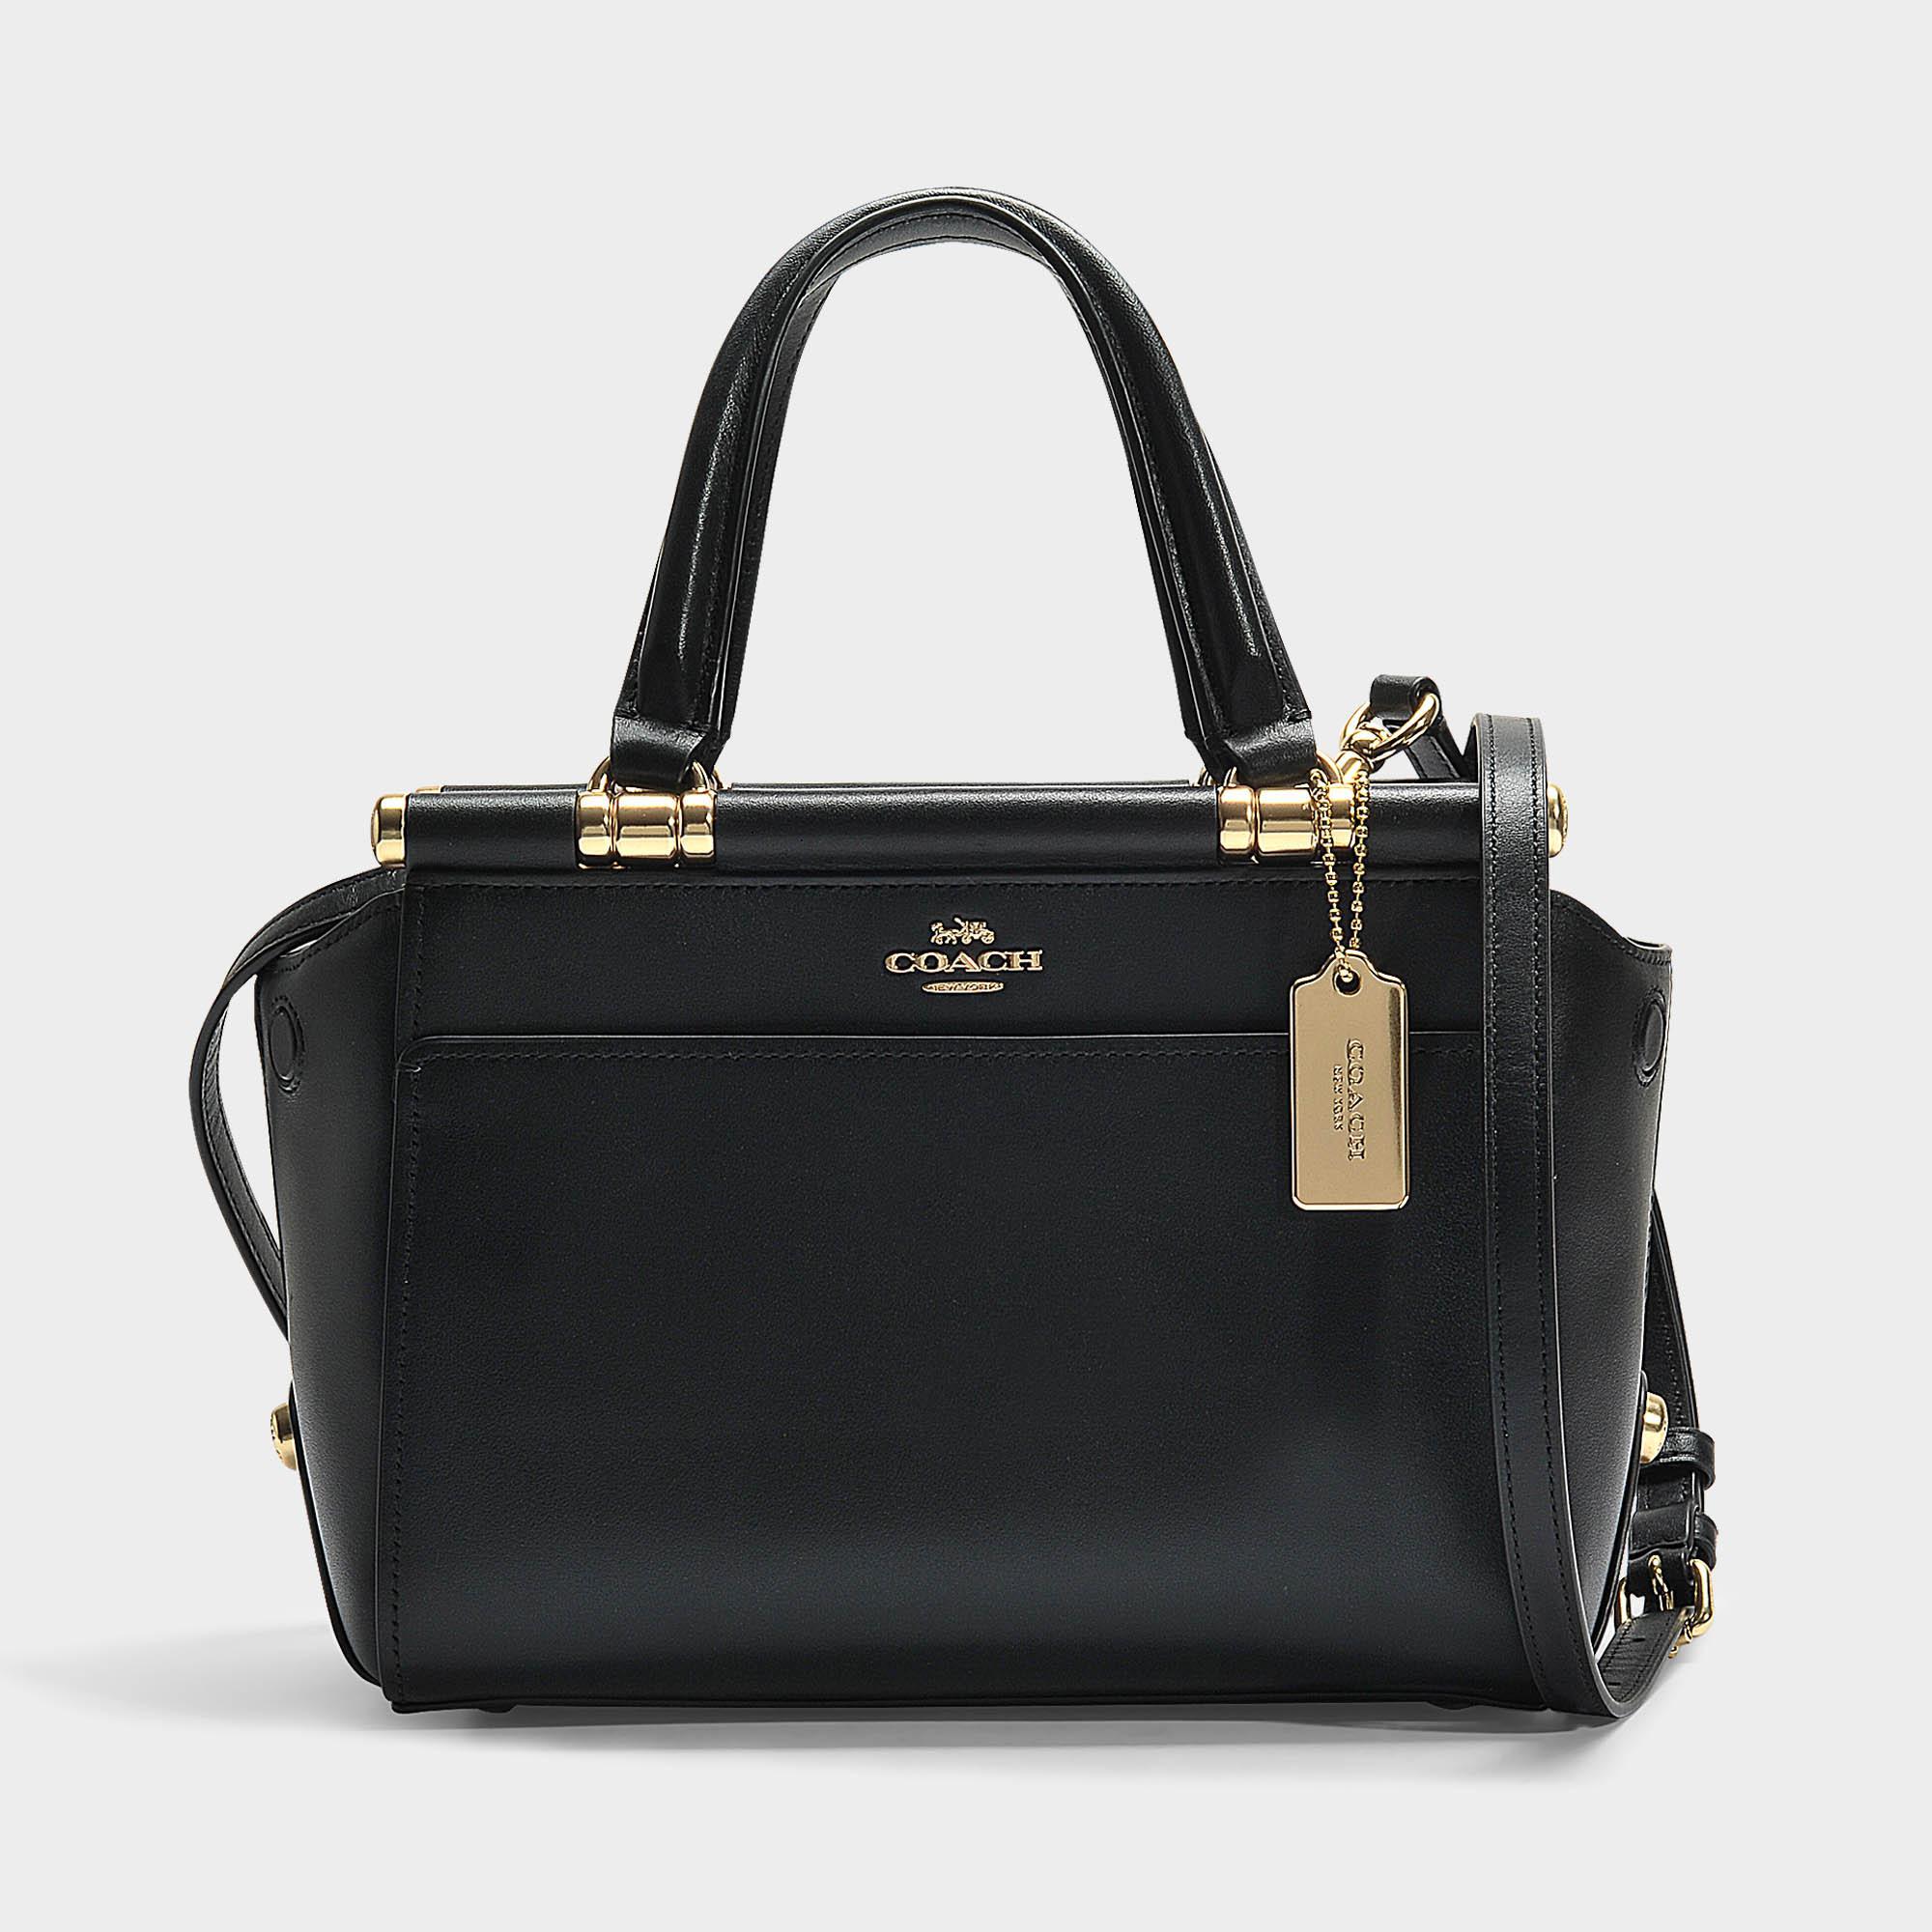 COACH Grace 20 Bag In Black Calfskin in Black - Lyst 7bda0ac2b6b42